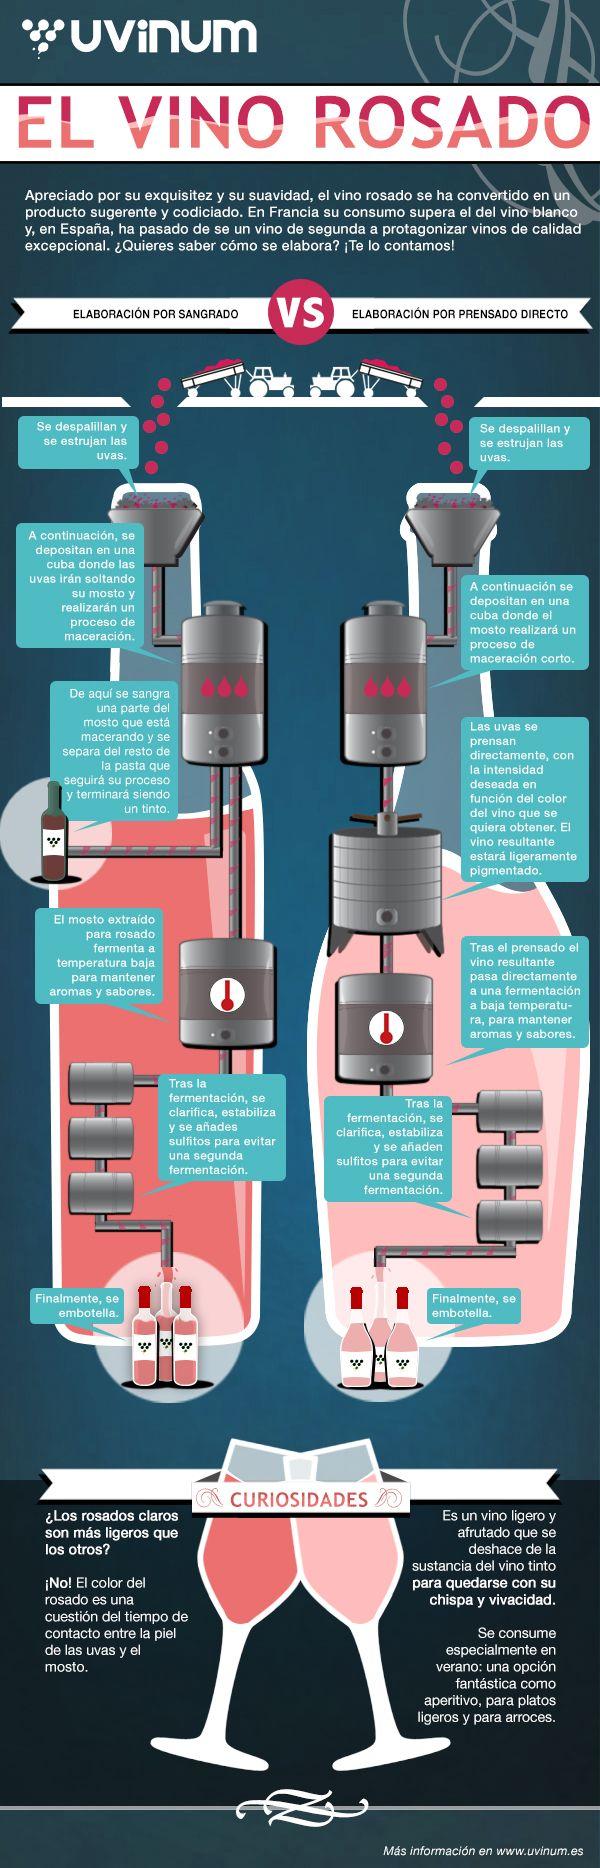 La elaboración del vino rosado | Uvinum